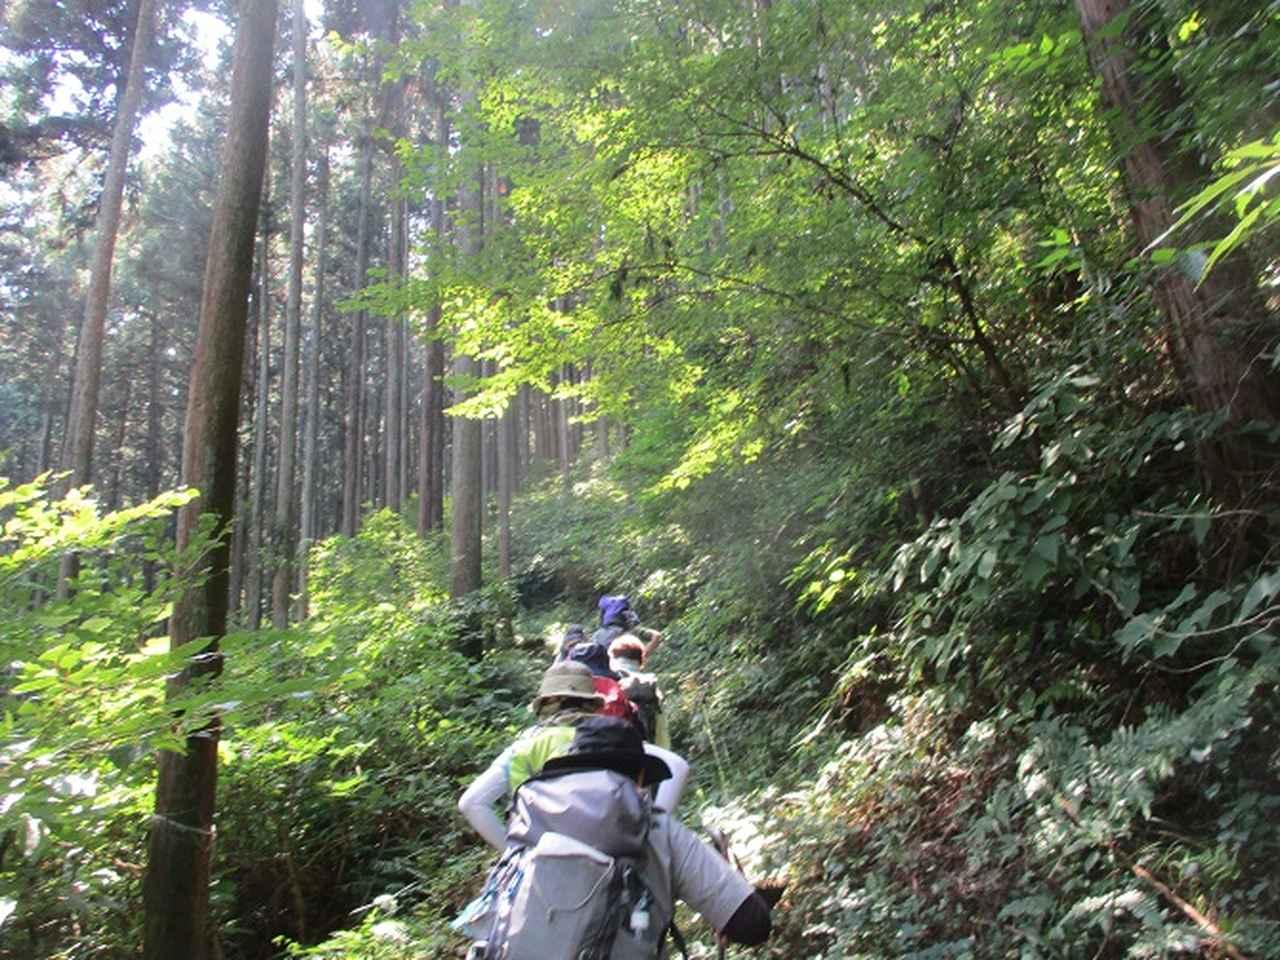 画像1: 8月10日に岡田ガイドの山旅会現地集合 「大塚山」 へ行ってきました!